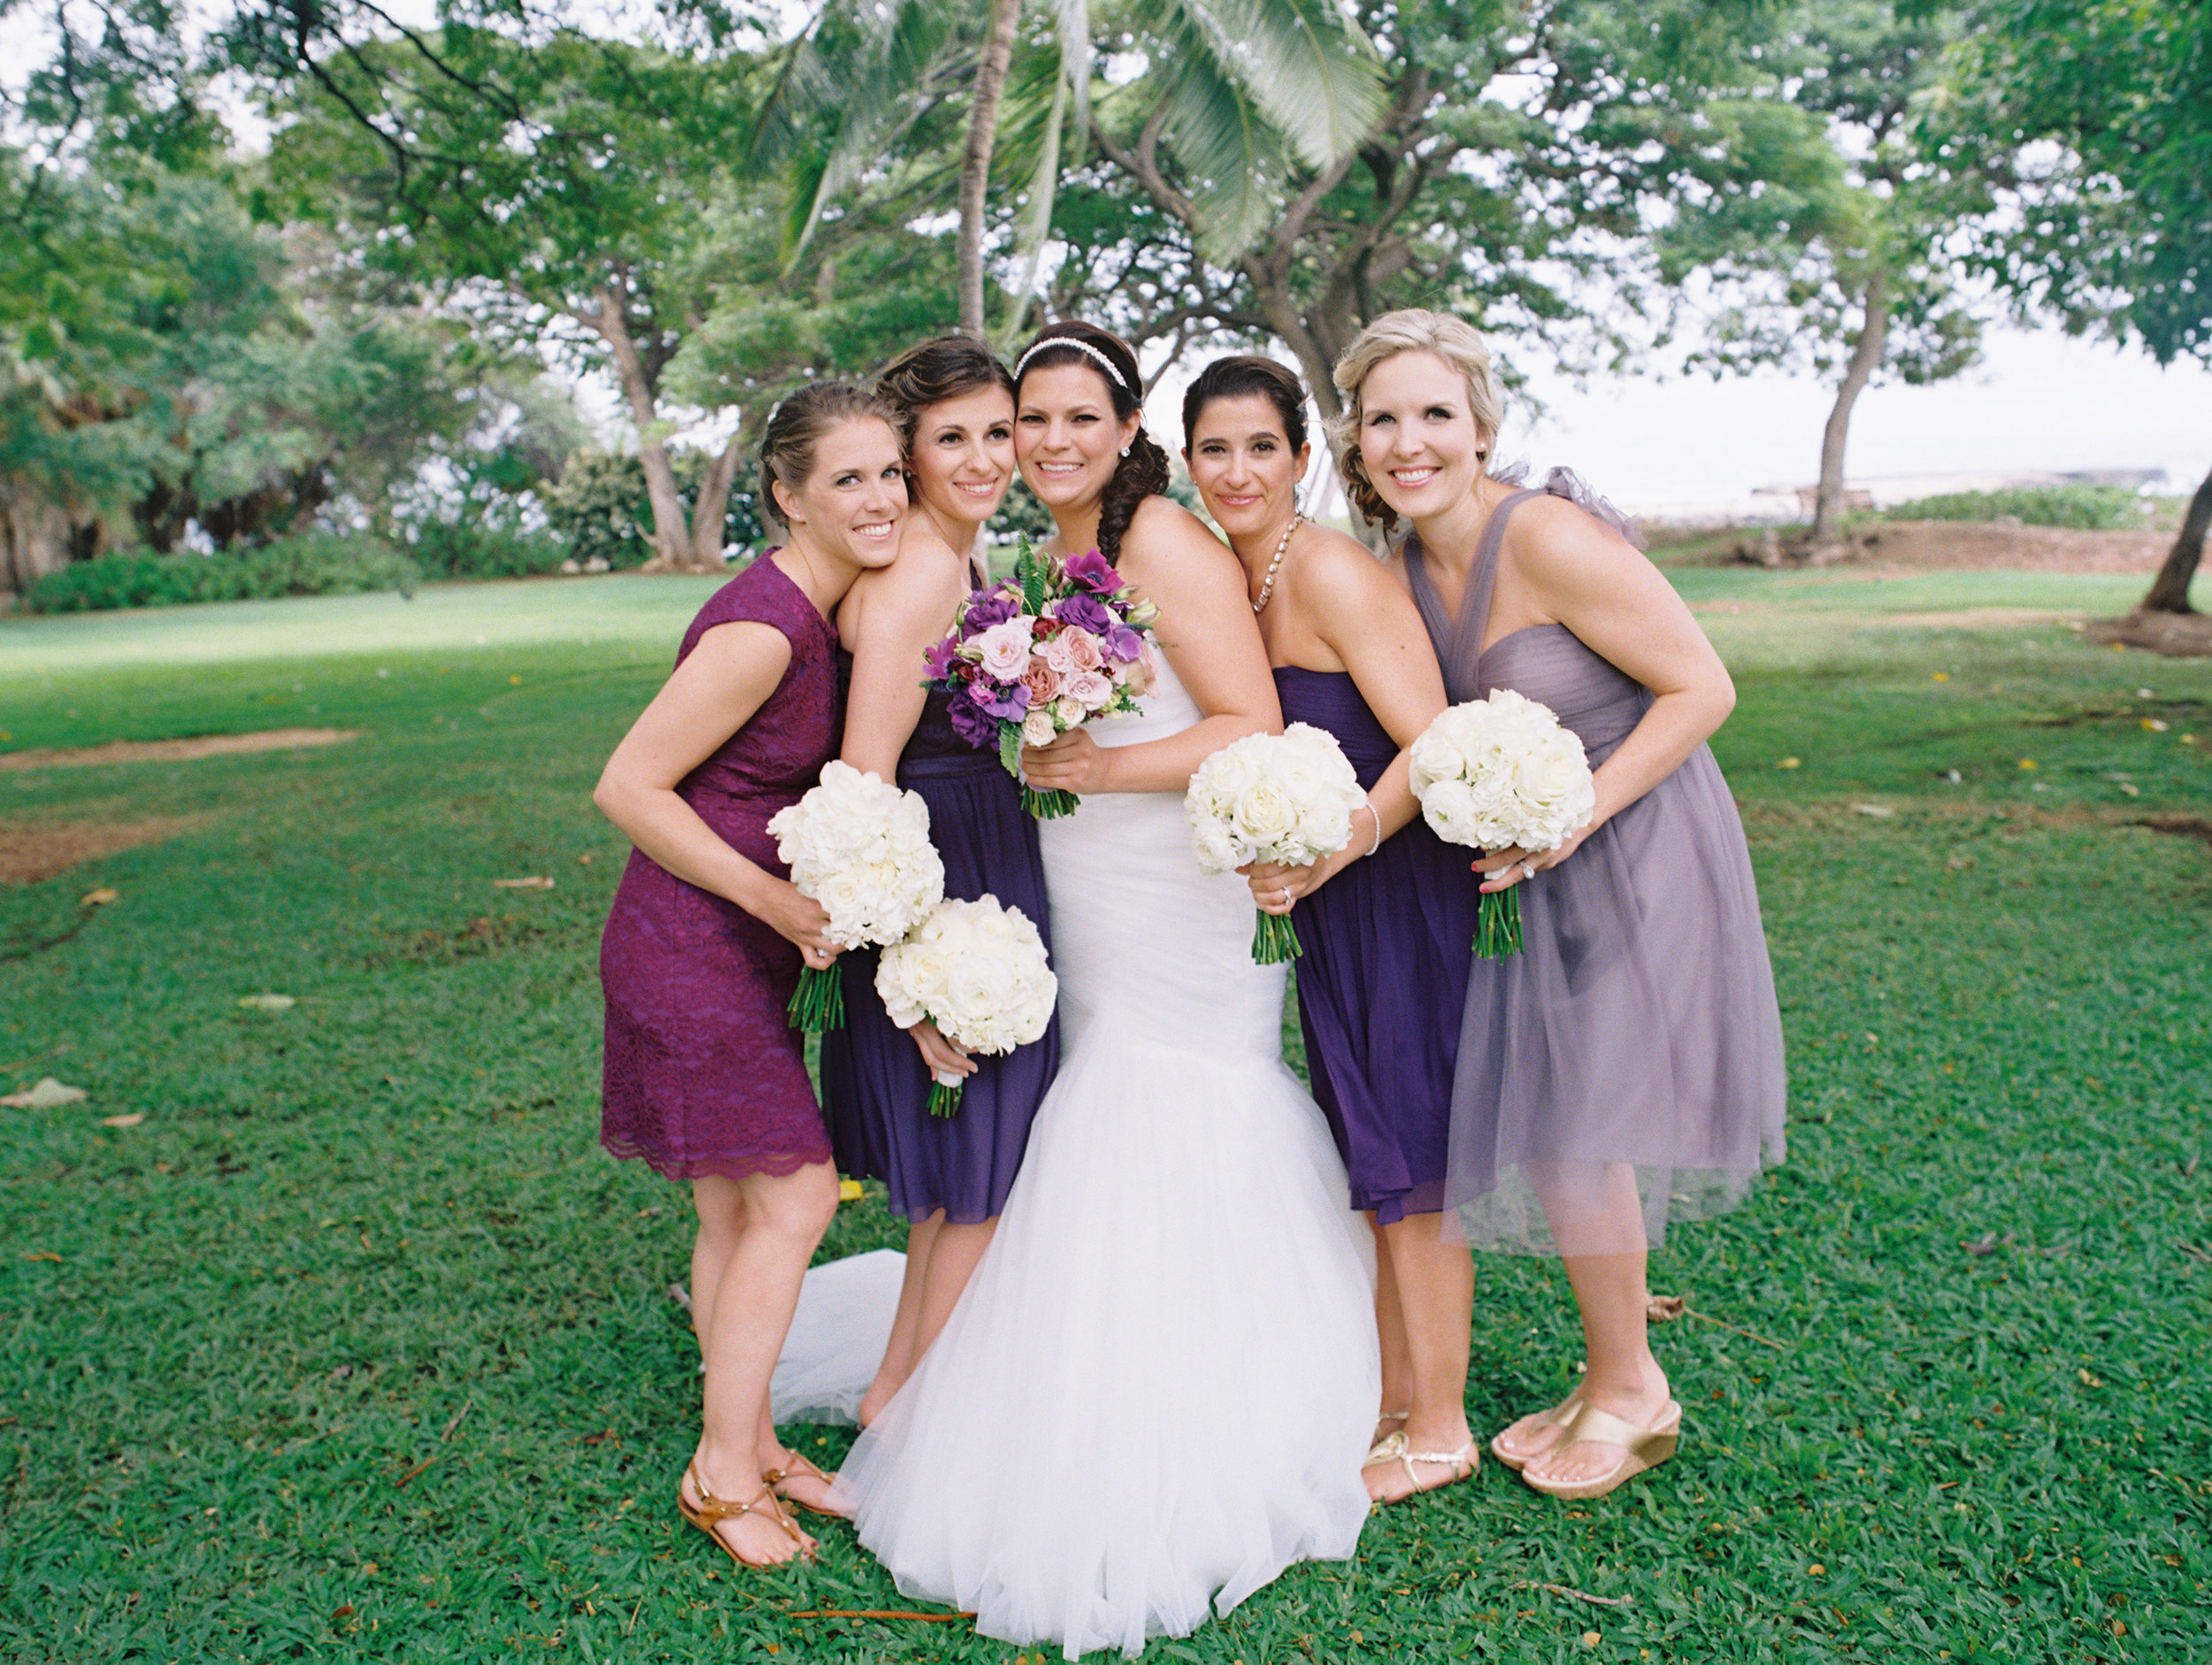 weddingparty1_0001.jpg